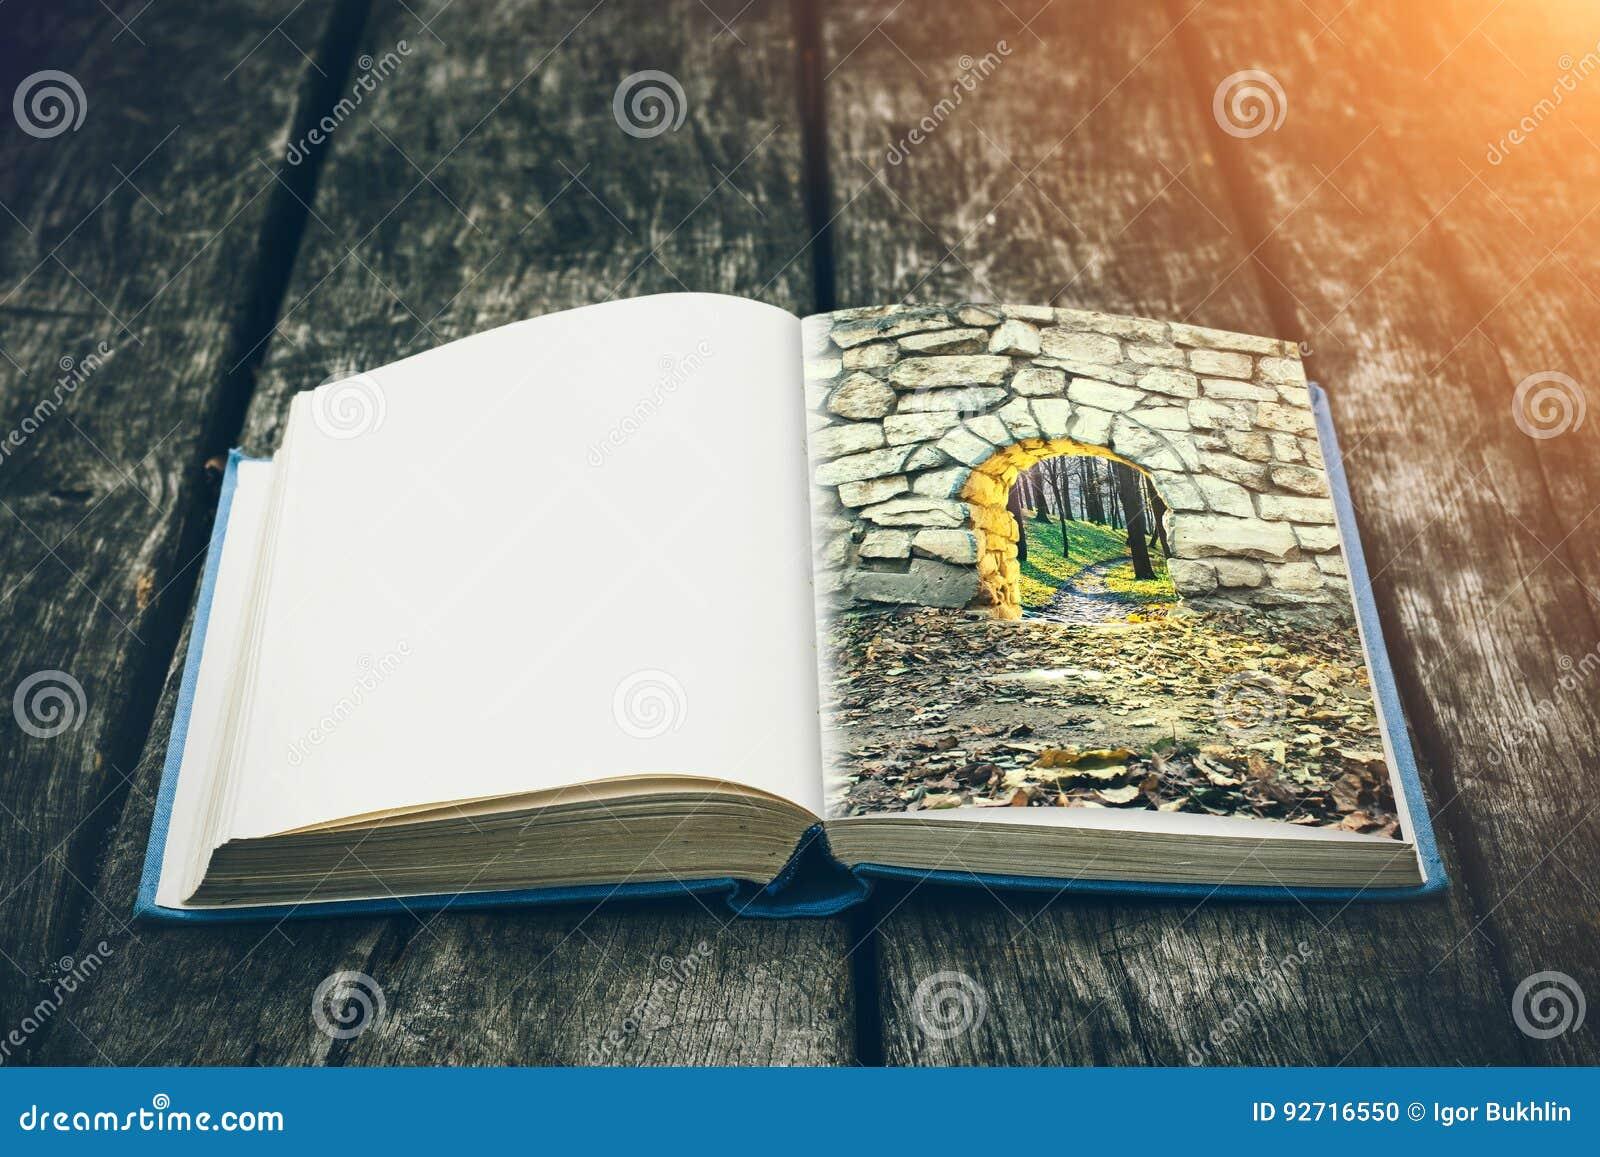 Libro abierto viejo en una tabla de madera Composición del vintage Biblioteca antigua Literatura antigua Fondo medieval y místico